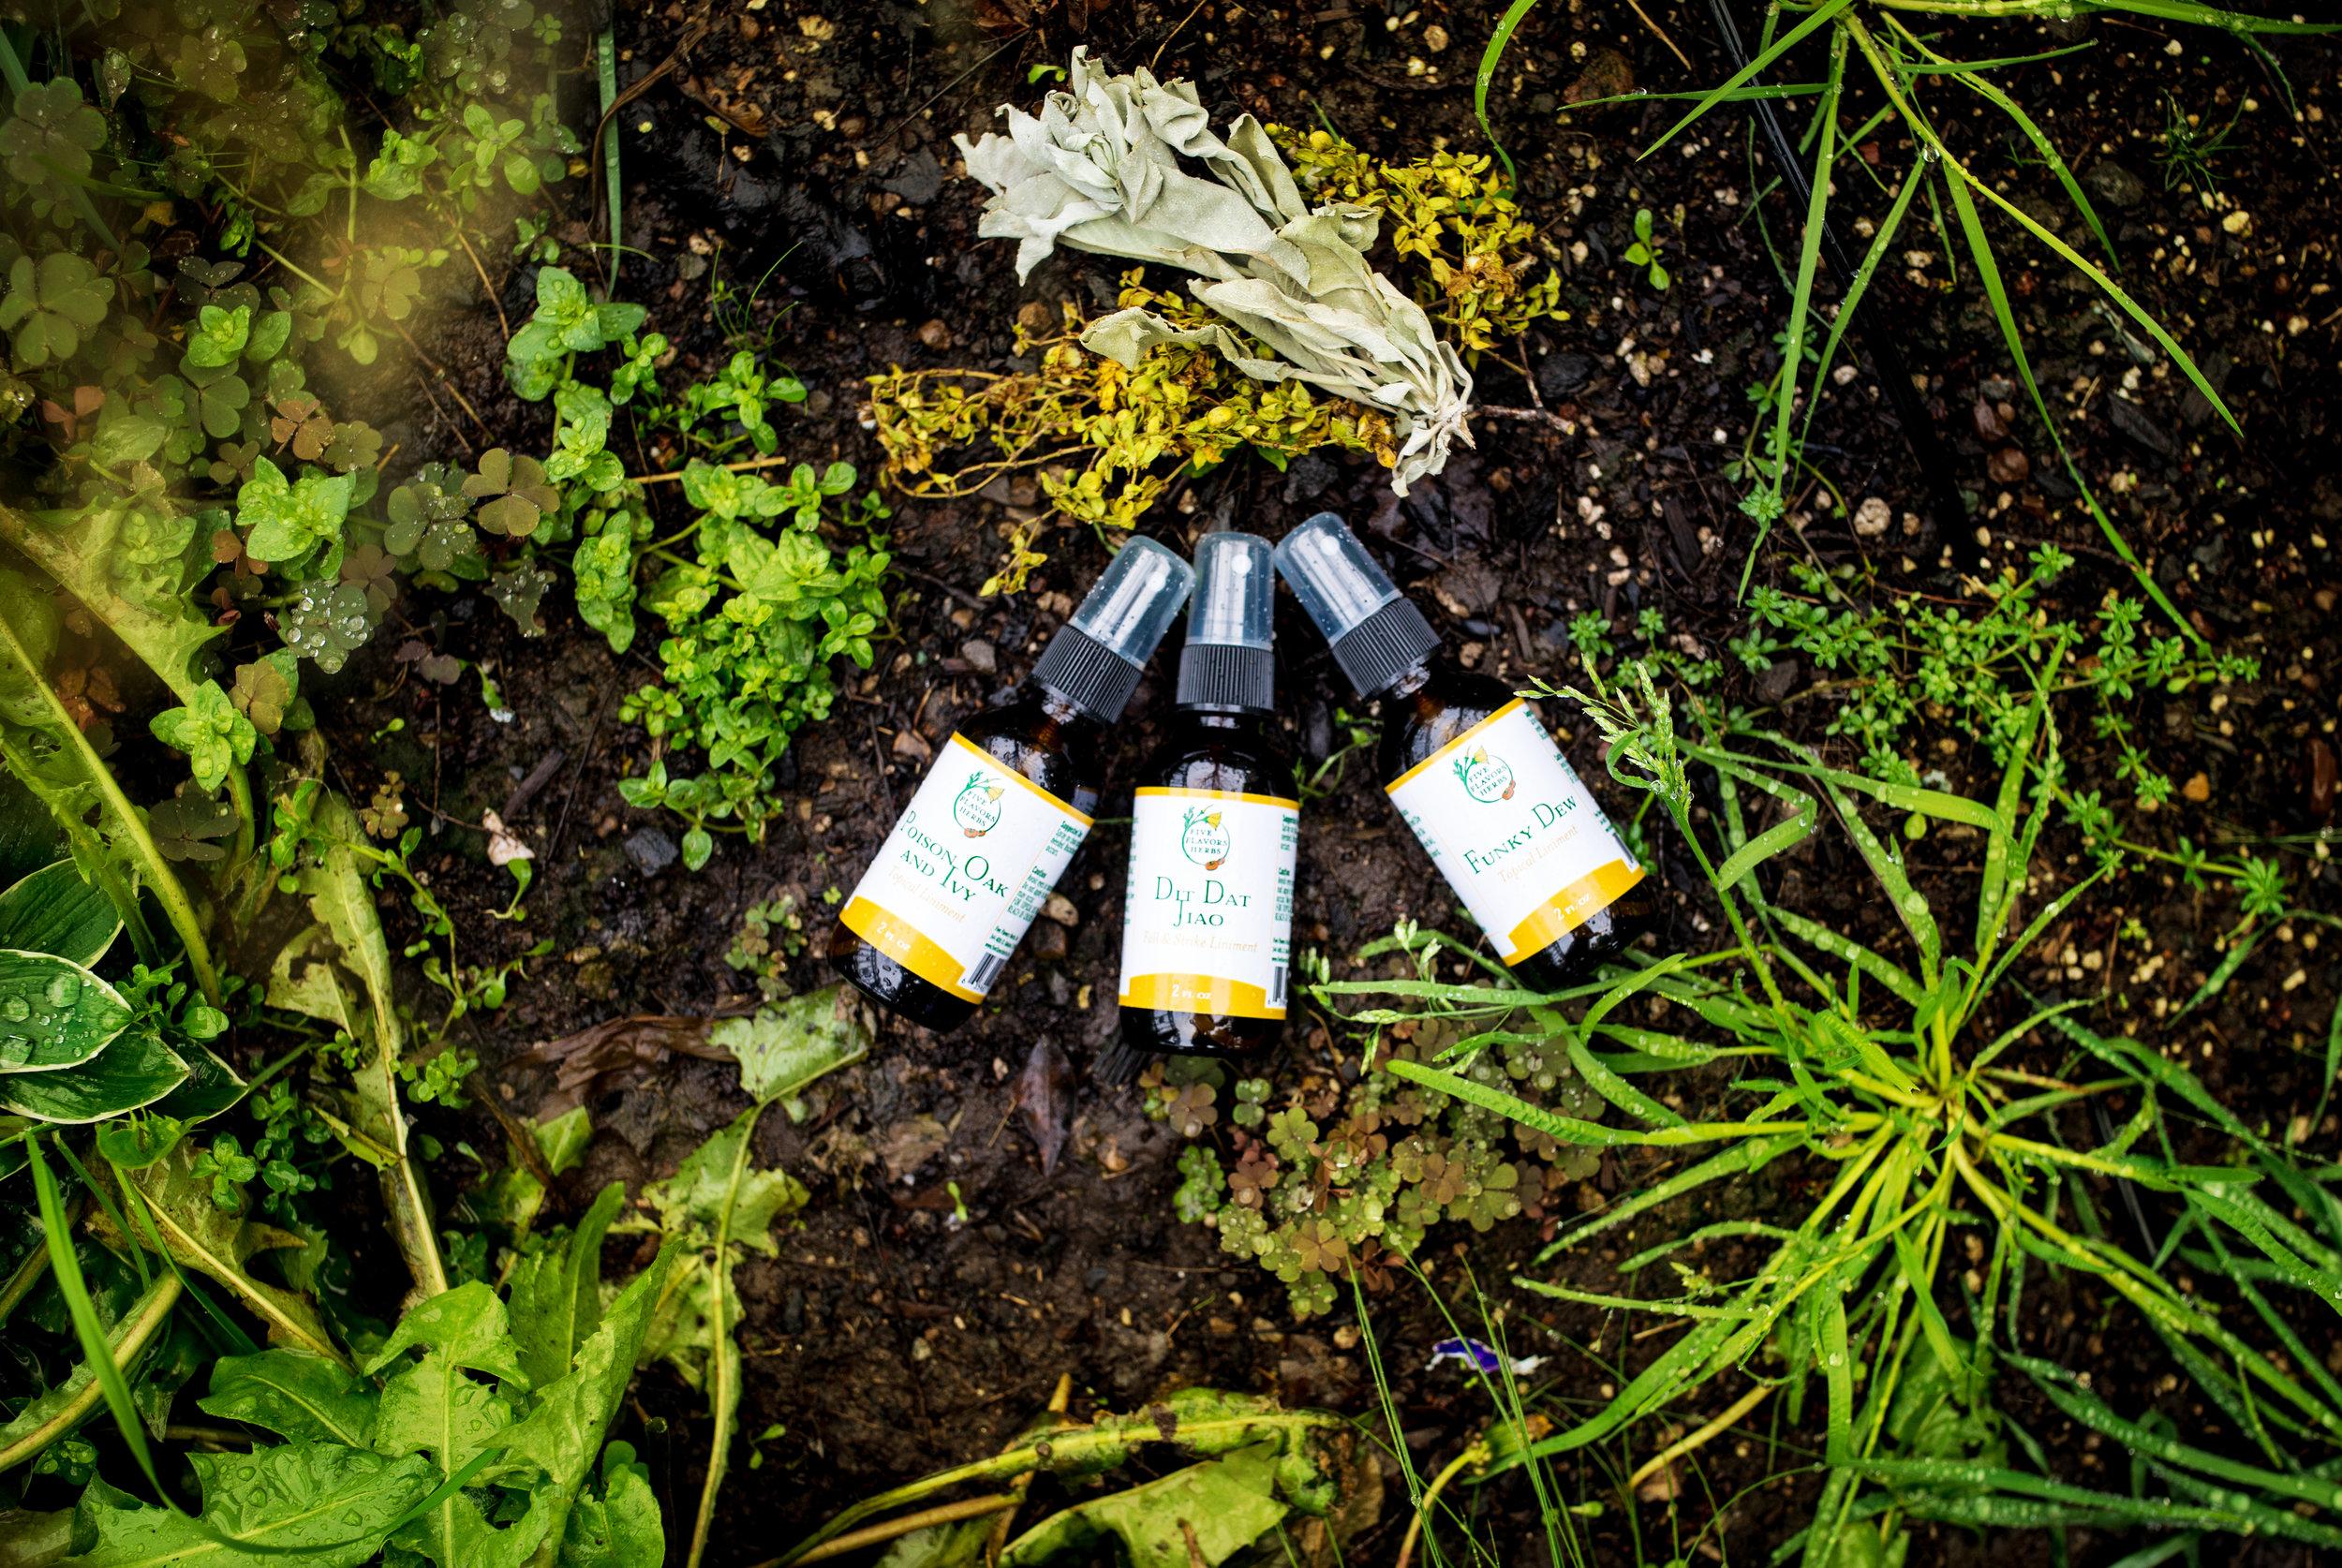 Five Flavors Herbs - Oakland & Online Herbal Stores